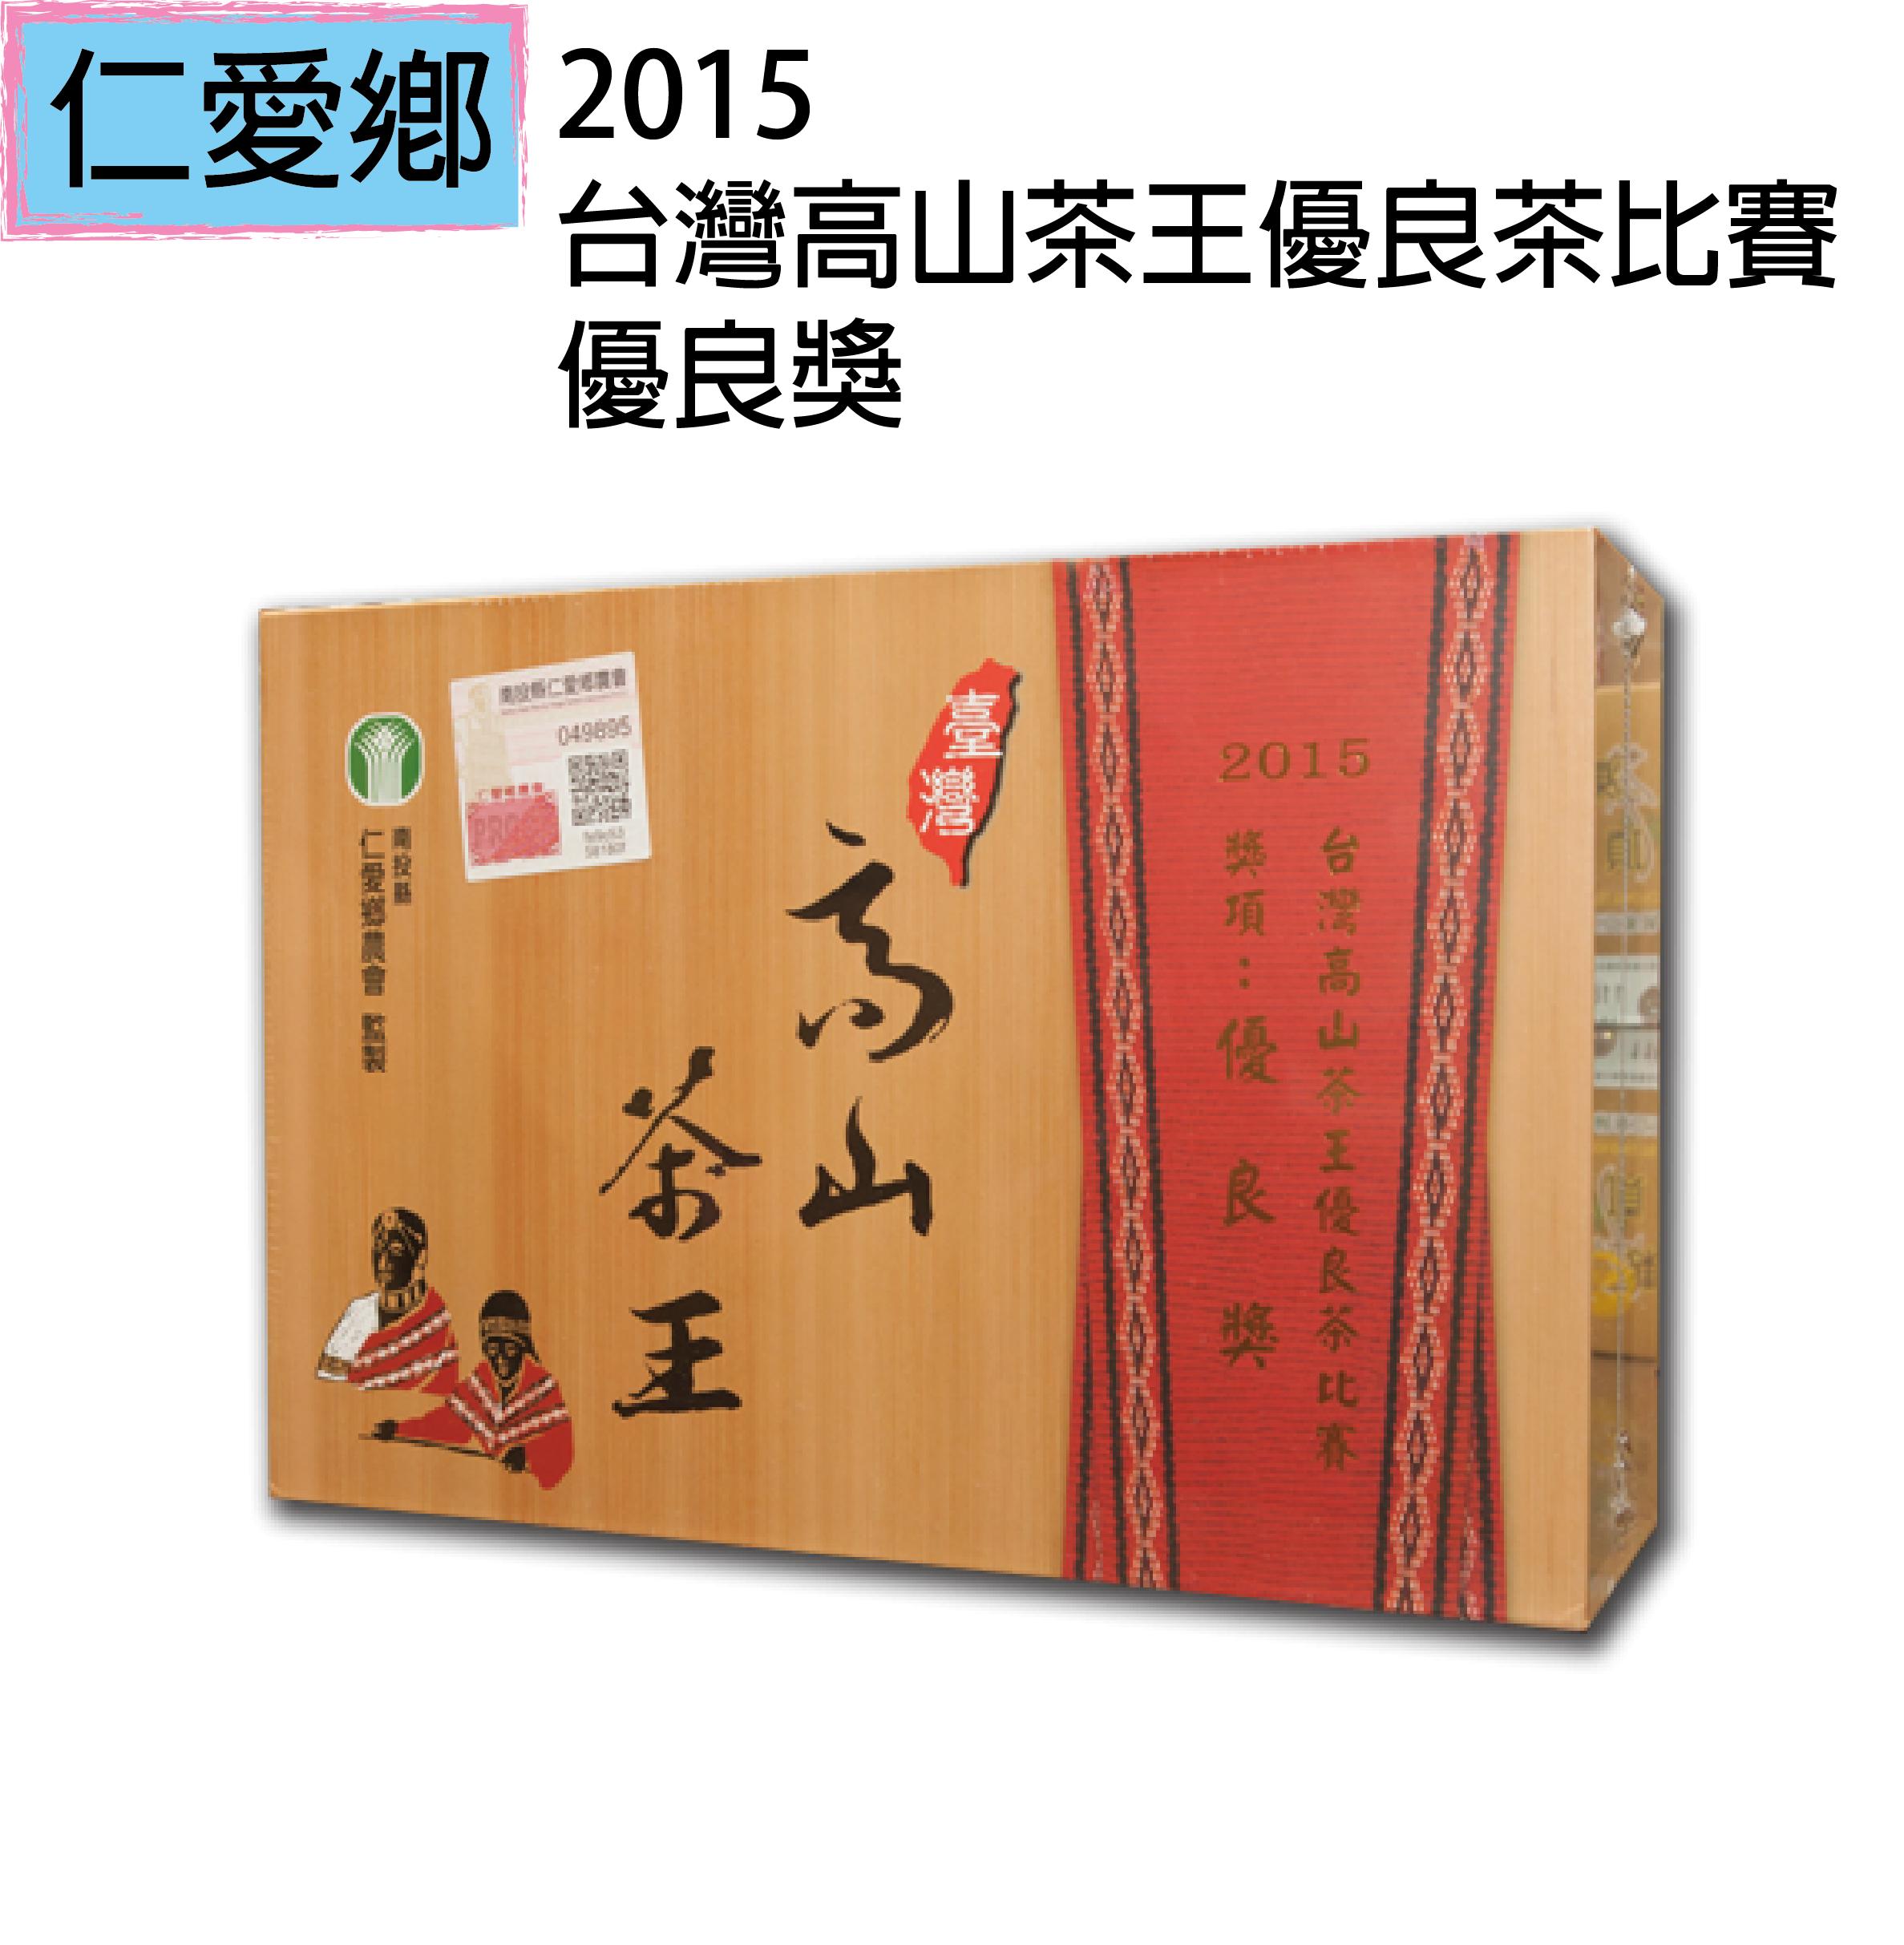 【南投縣仁愛鄉農會】2015台灣高山茶王優良茶比賽 優良獎 150g*4罐